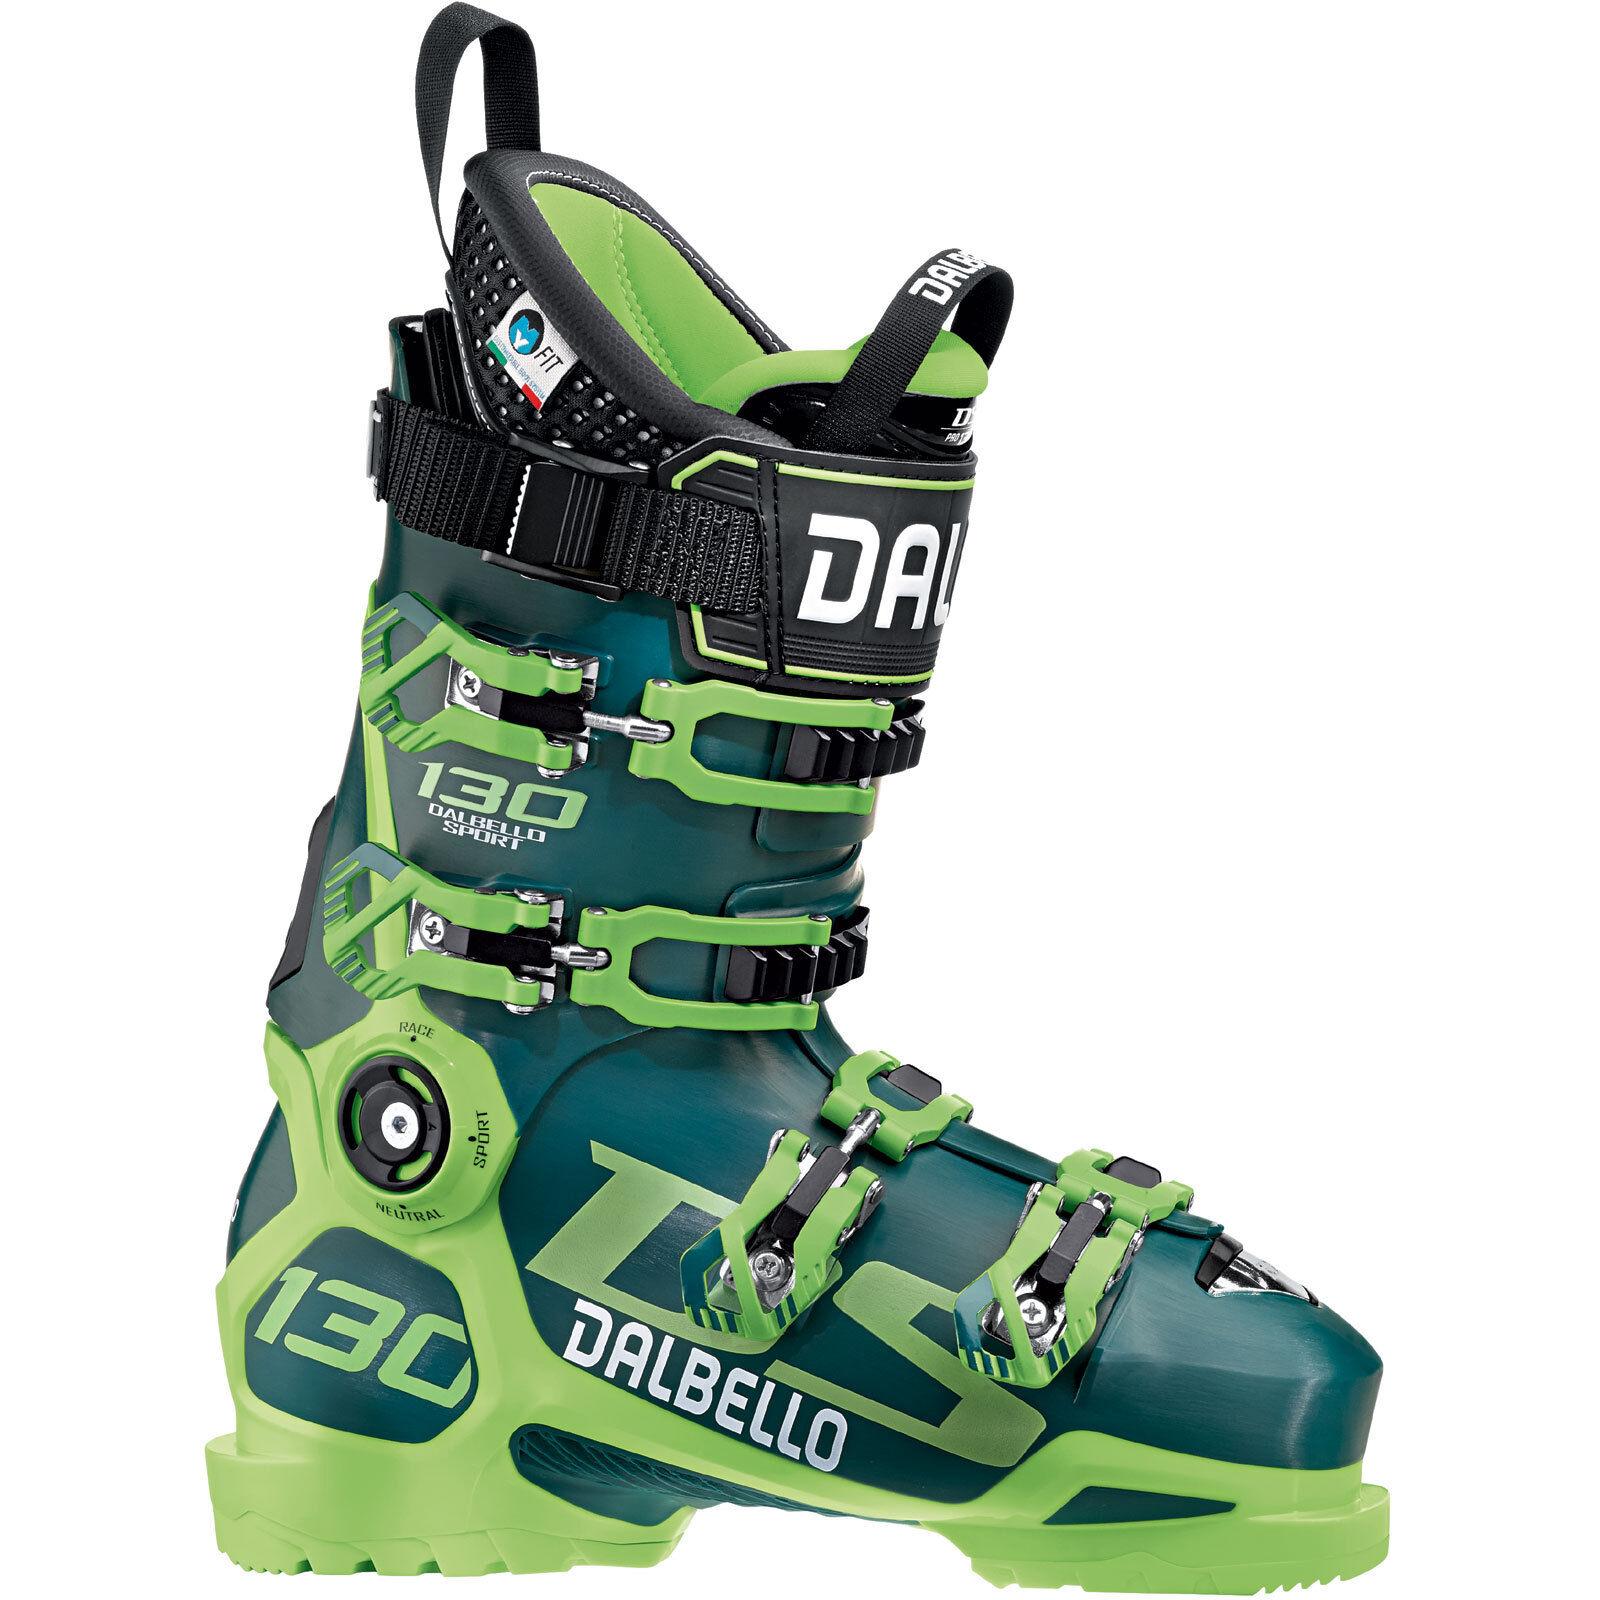 Dalbello Ds 130 Ms Men's Ski Boots Ski Boots Ski Boots all Mountain